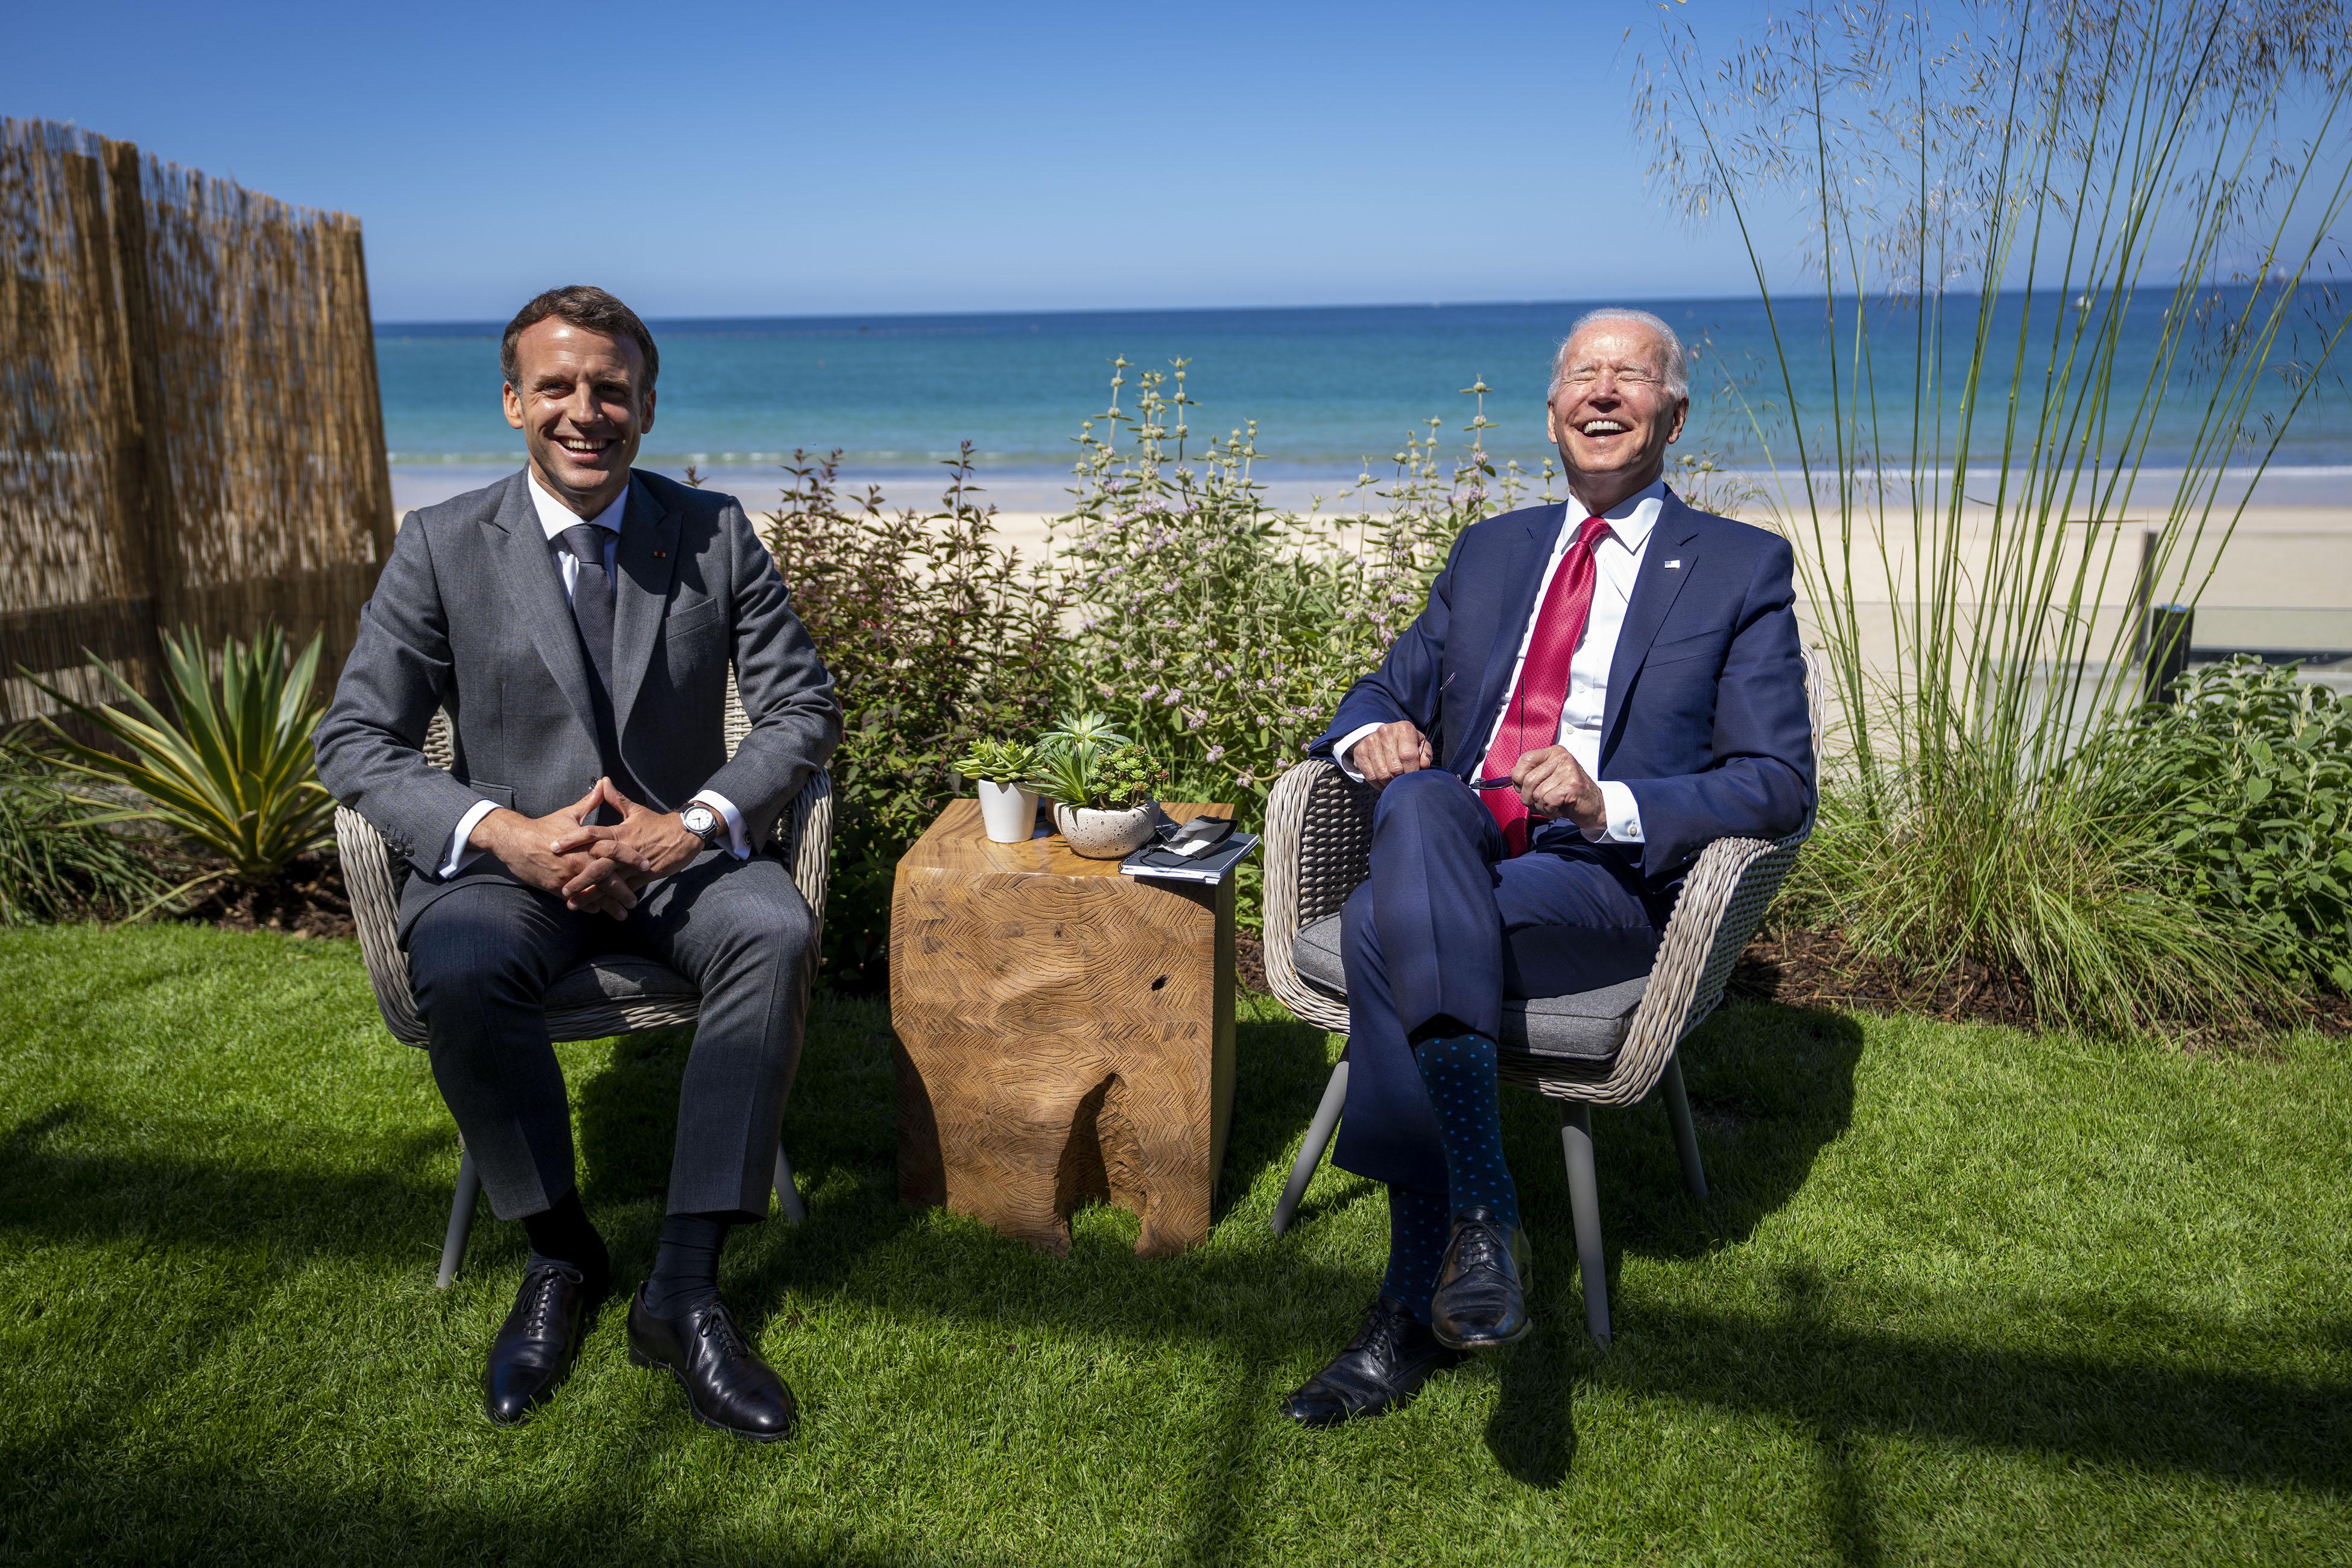 समिट के बाद बीच के किनारे बैठकर बातचीत करते फ्रांस के राष्ट्रपति इमैनुएल मैक्रों और US प्रेसिडेंट जो बाइडेन।